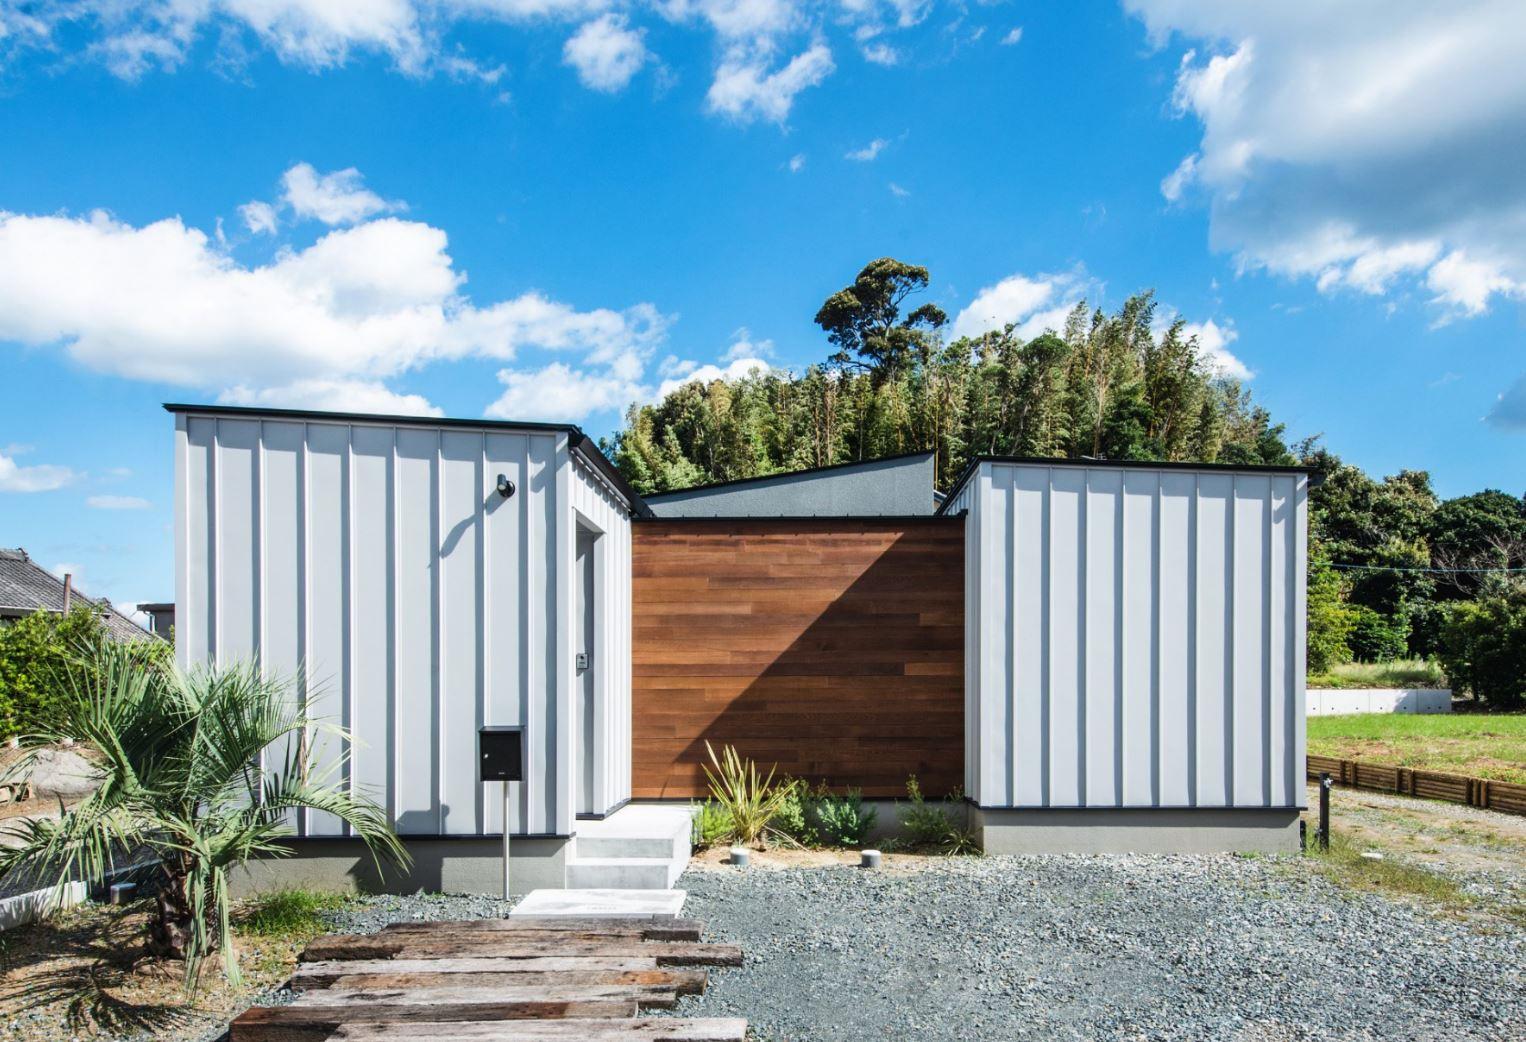 S.CONNECT(エスコネクト)【デザイン住宅、建築家、平屋】外観は、奥さまが憧れていたケーキ屋さんのコンテナハウスのイメージを踏襲し、住宅っぽくない倉庫のようなデザインに